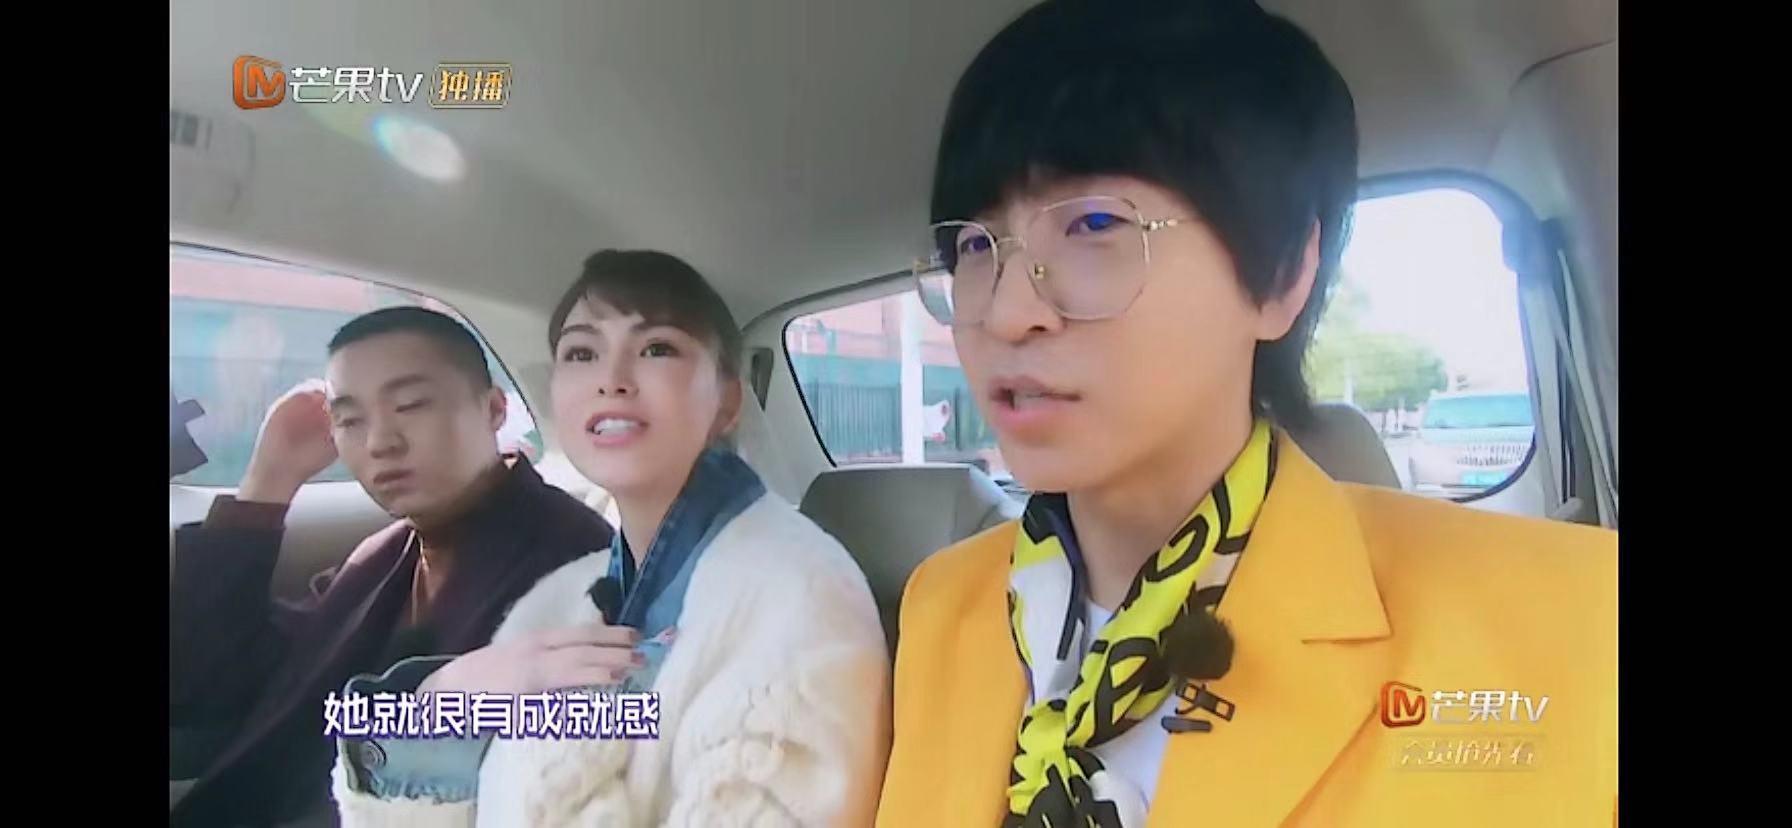 吴昕和昆凌爆料自己的妈妈闲不住,一个怼网友,一个帮自己带孩子